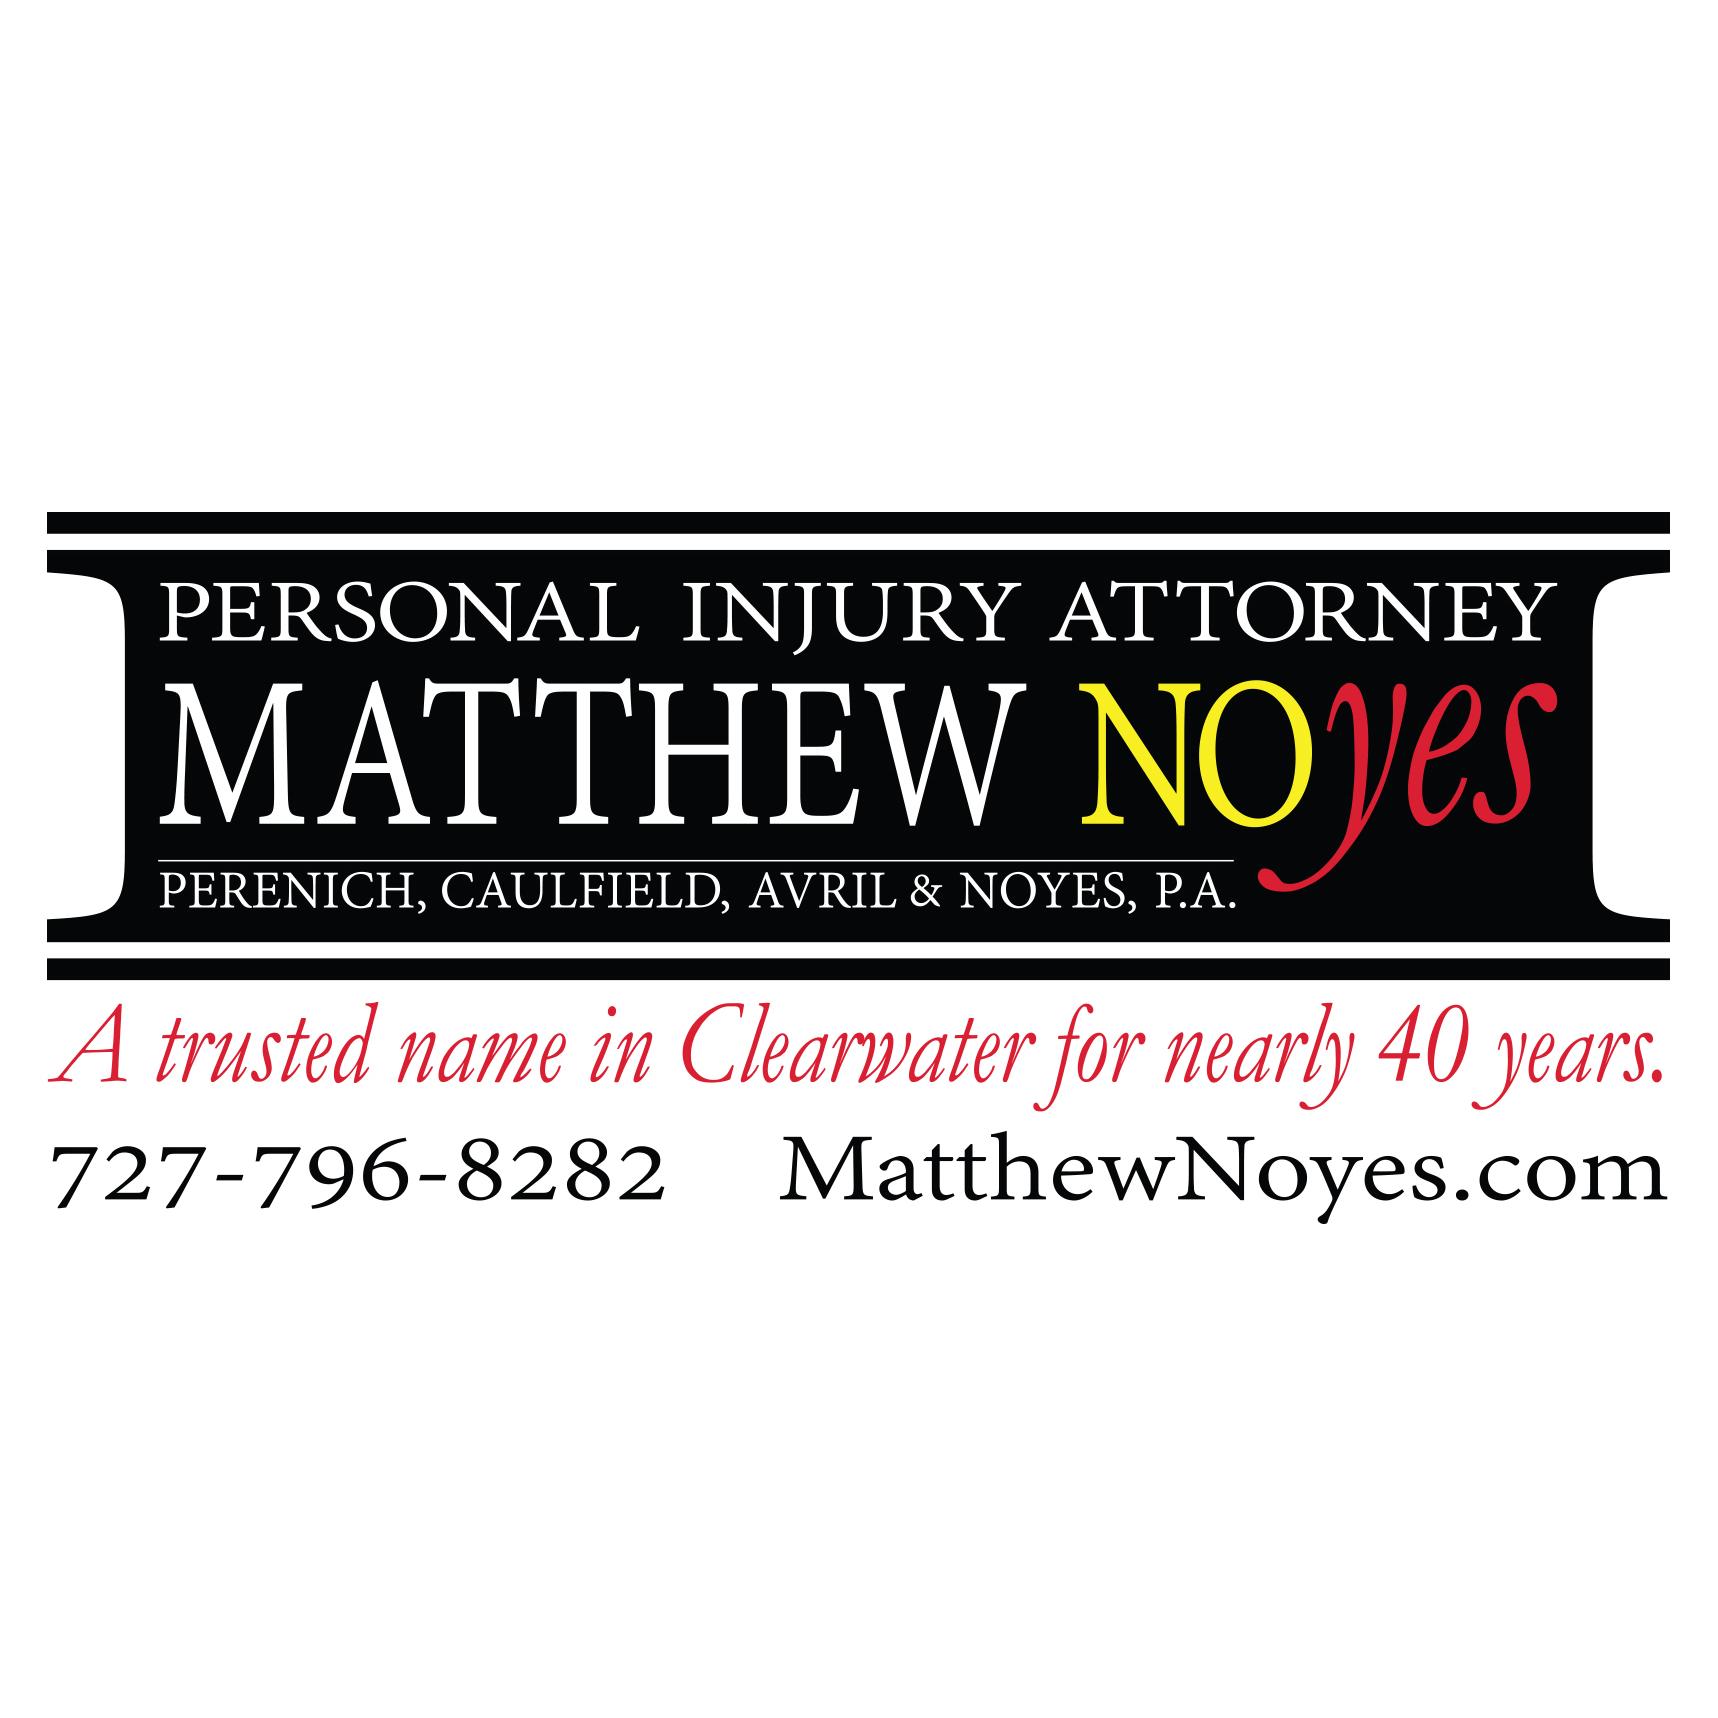 Matthew Noyes